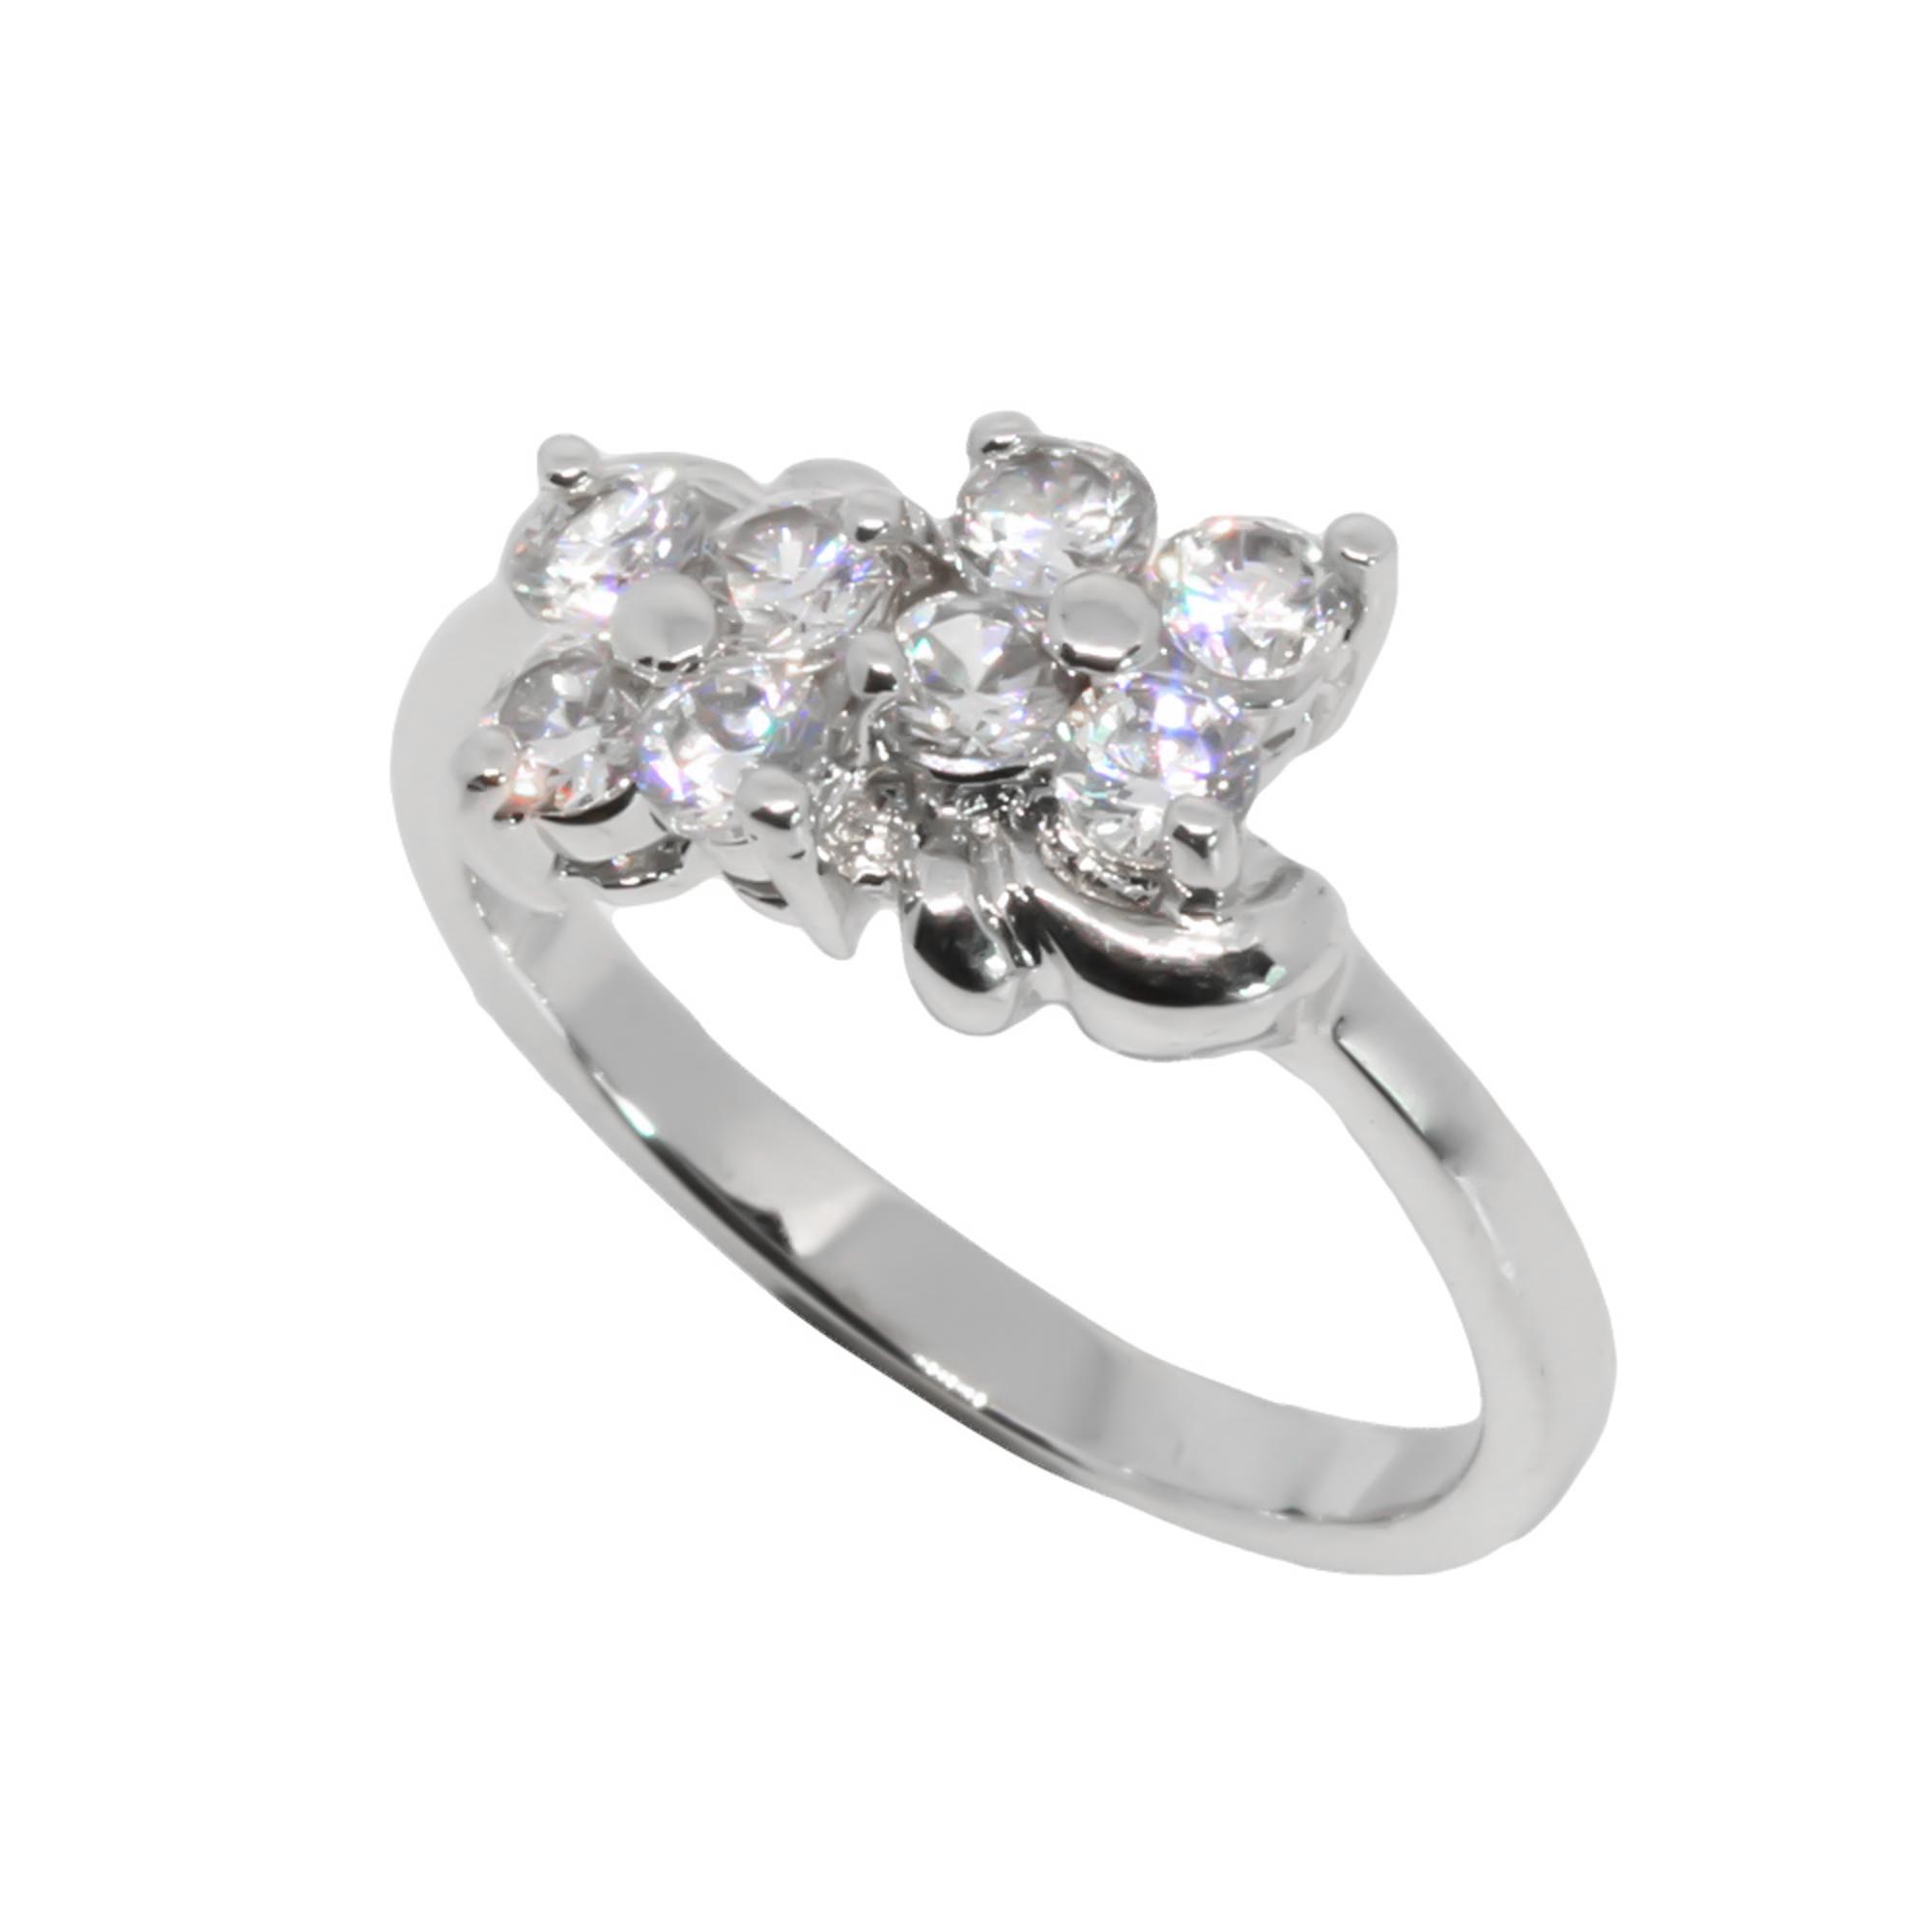 แหวนเพชรCZ หุ้มทองคำขาวแท้ ไซส์ 48